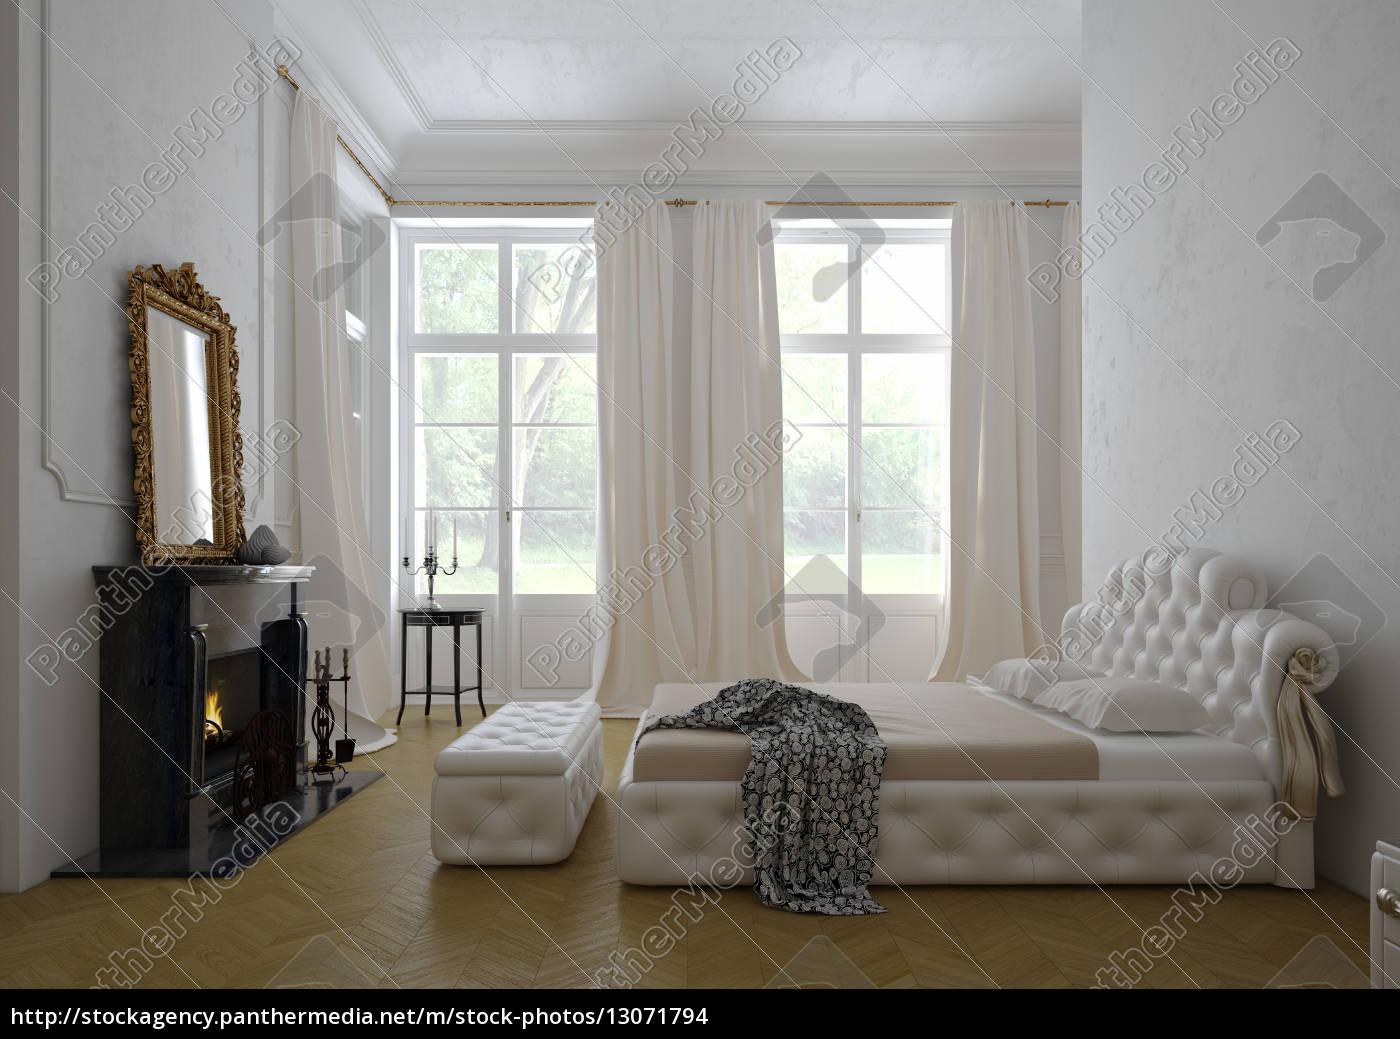 modernen luxus-schlafzimmer interieur. 3d-rendering - stock photo ... - Moderne Luxus Schlafzimmer